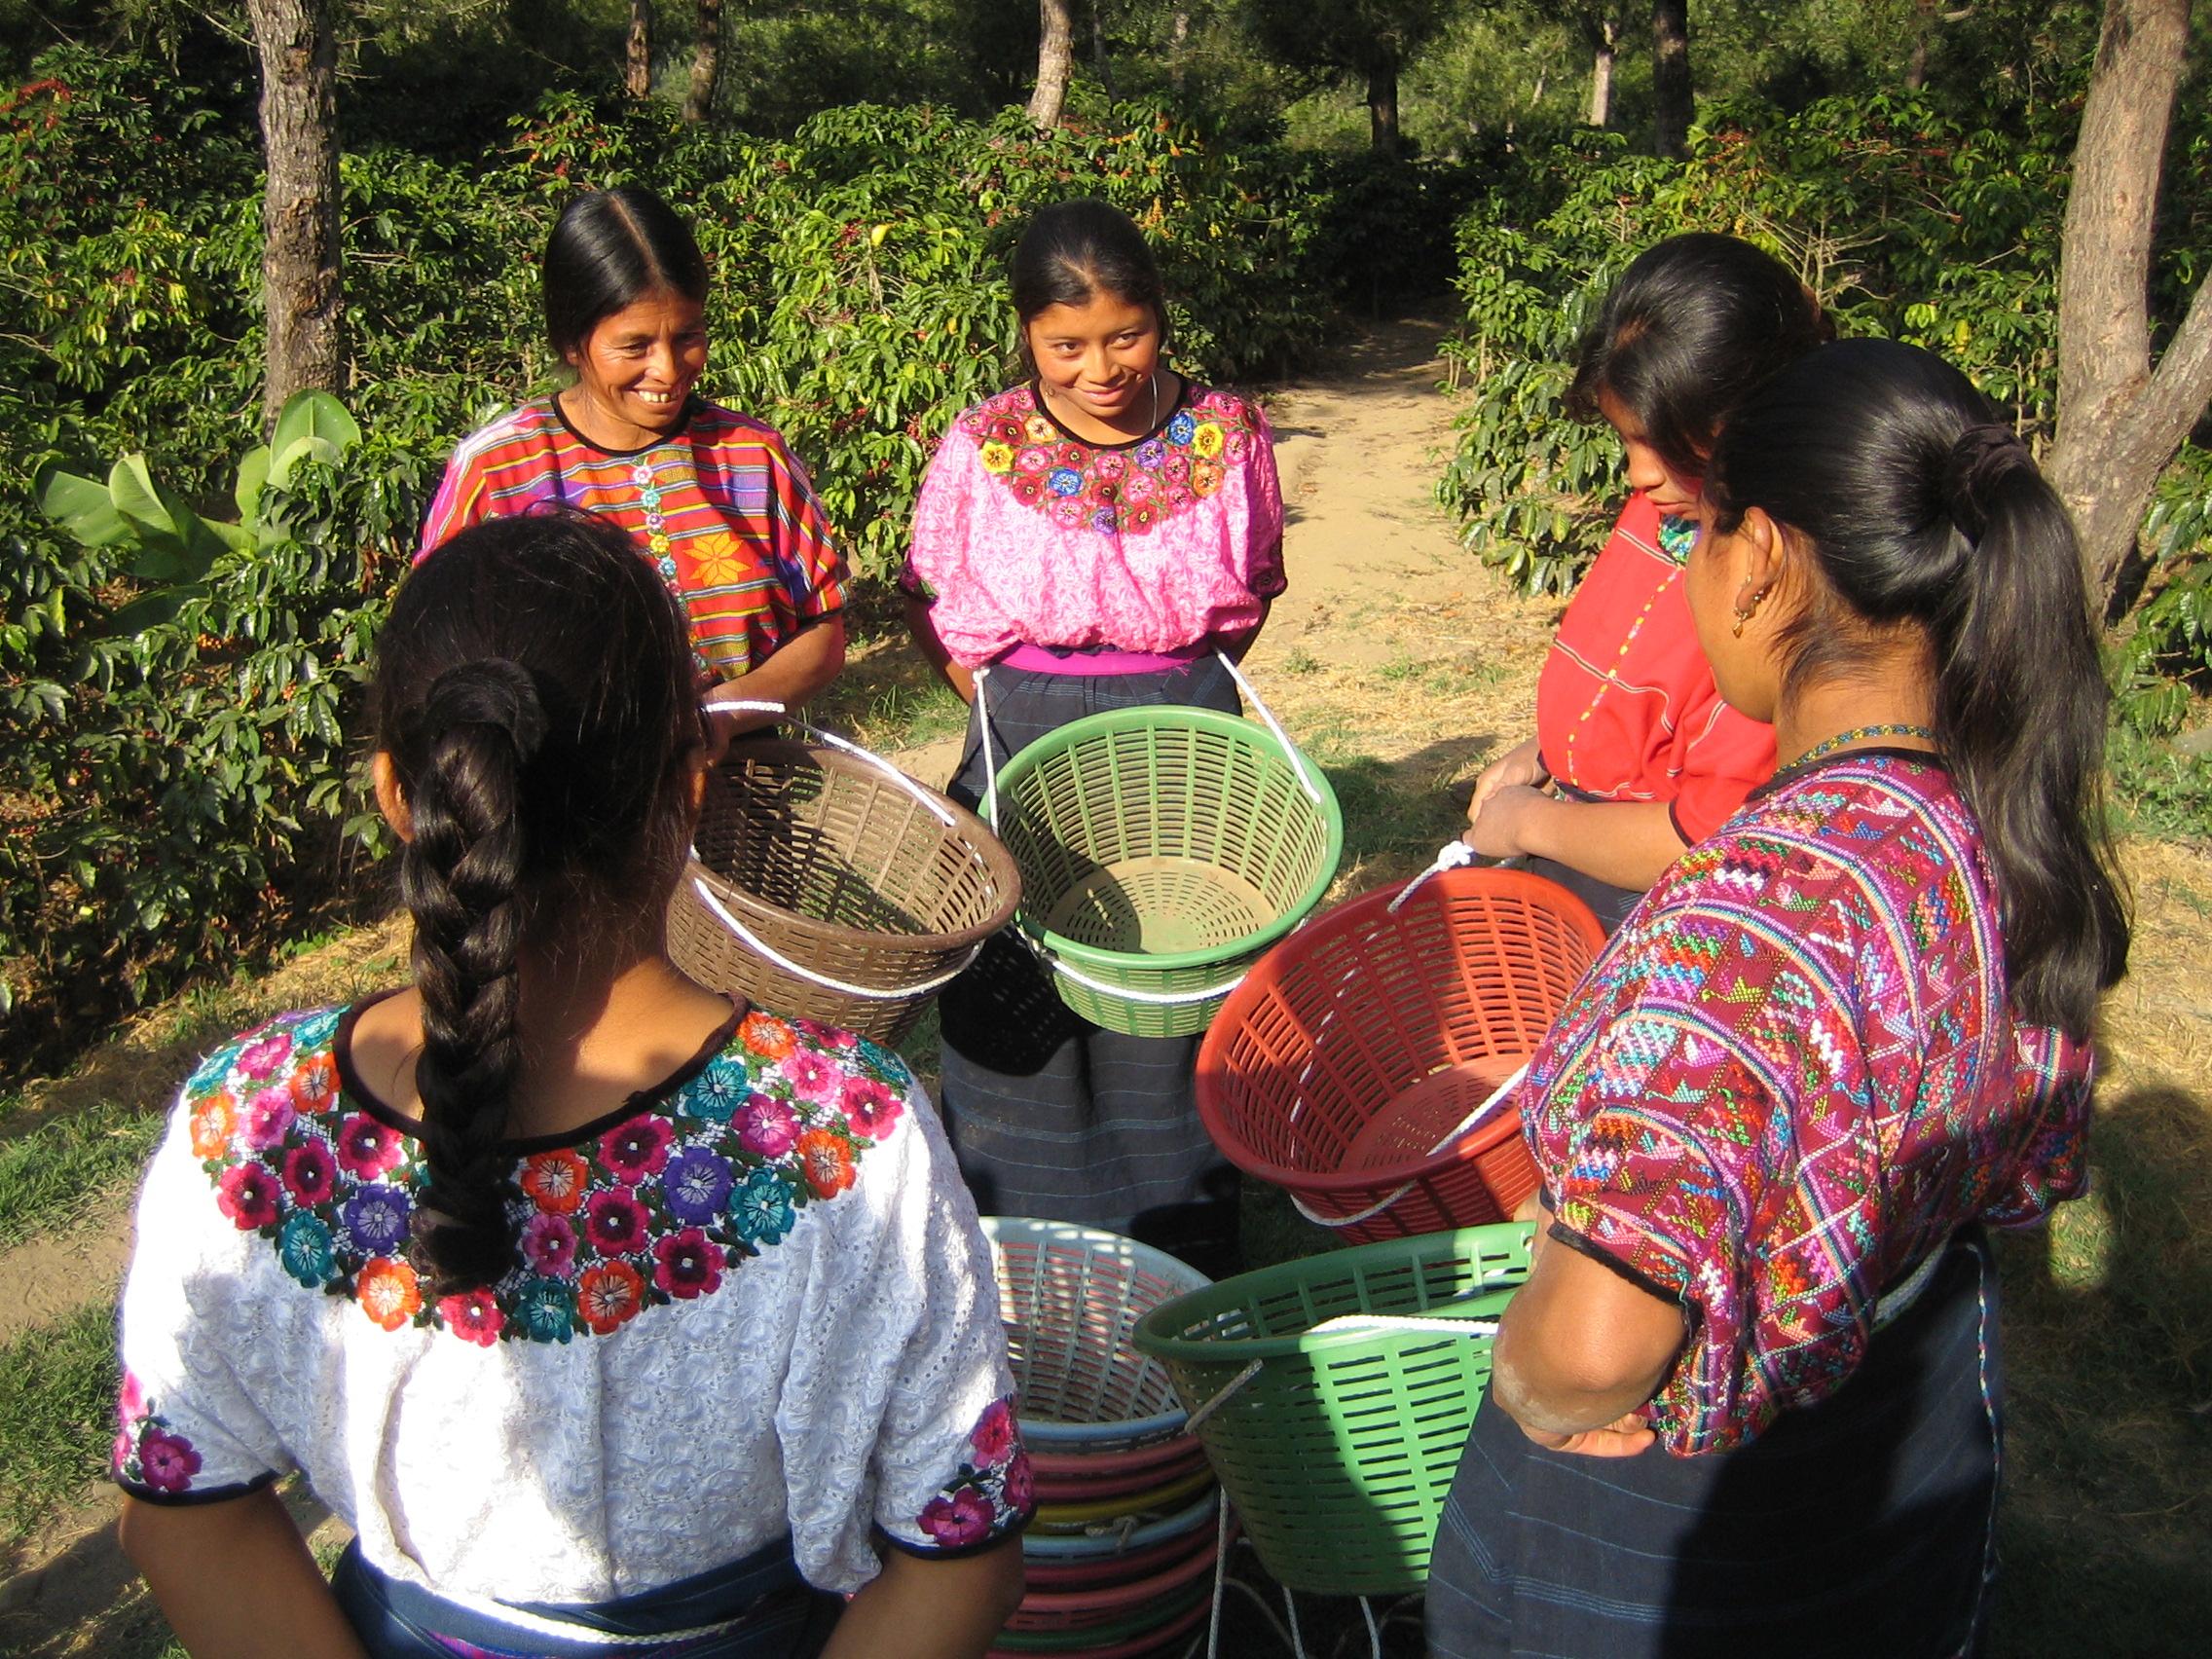 産地視察研修 グァテマラ・エルサルバトル・パナマ - 2009年10月オープンしてから年数もたち、カフェ・バッハの田口先生からのお誘いで初めてコーヒーが作られる現場に行くことができました。自分の商っている商品が、どのように作られて行くのか大変勉強になりました。貧しい中、丁寧にコーヒーを作ってくださる現地の方の作業を見て、日本で自分のできること、もう一度一つ一つ見直して見ました。